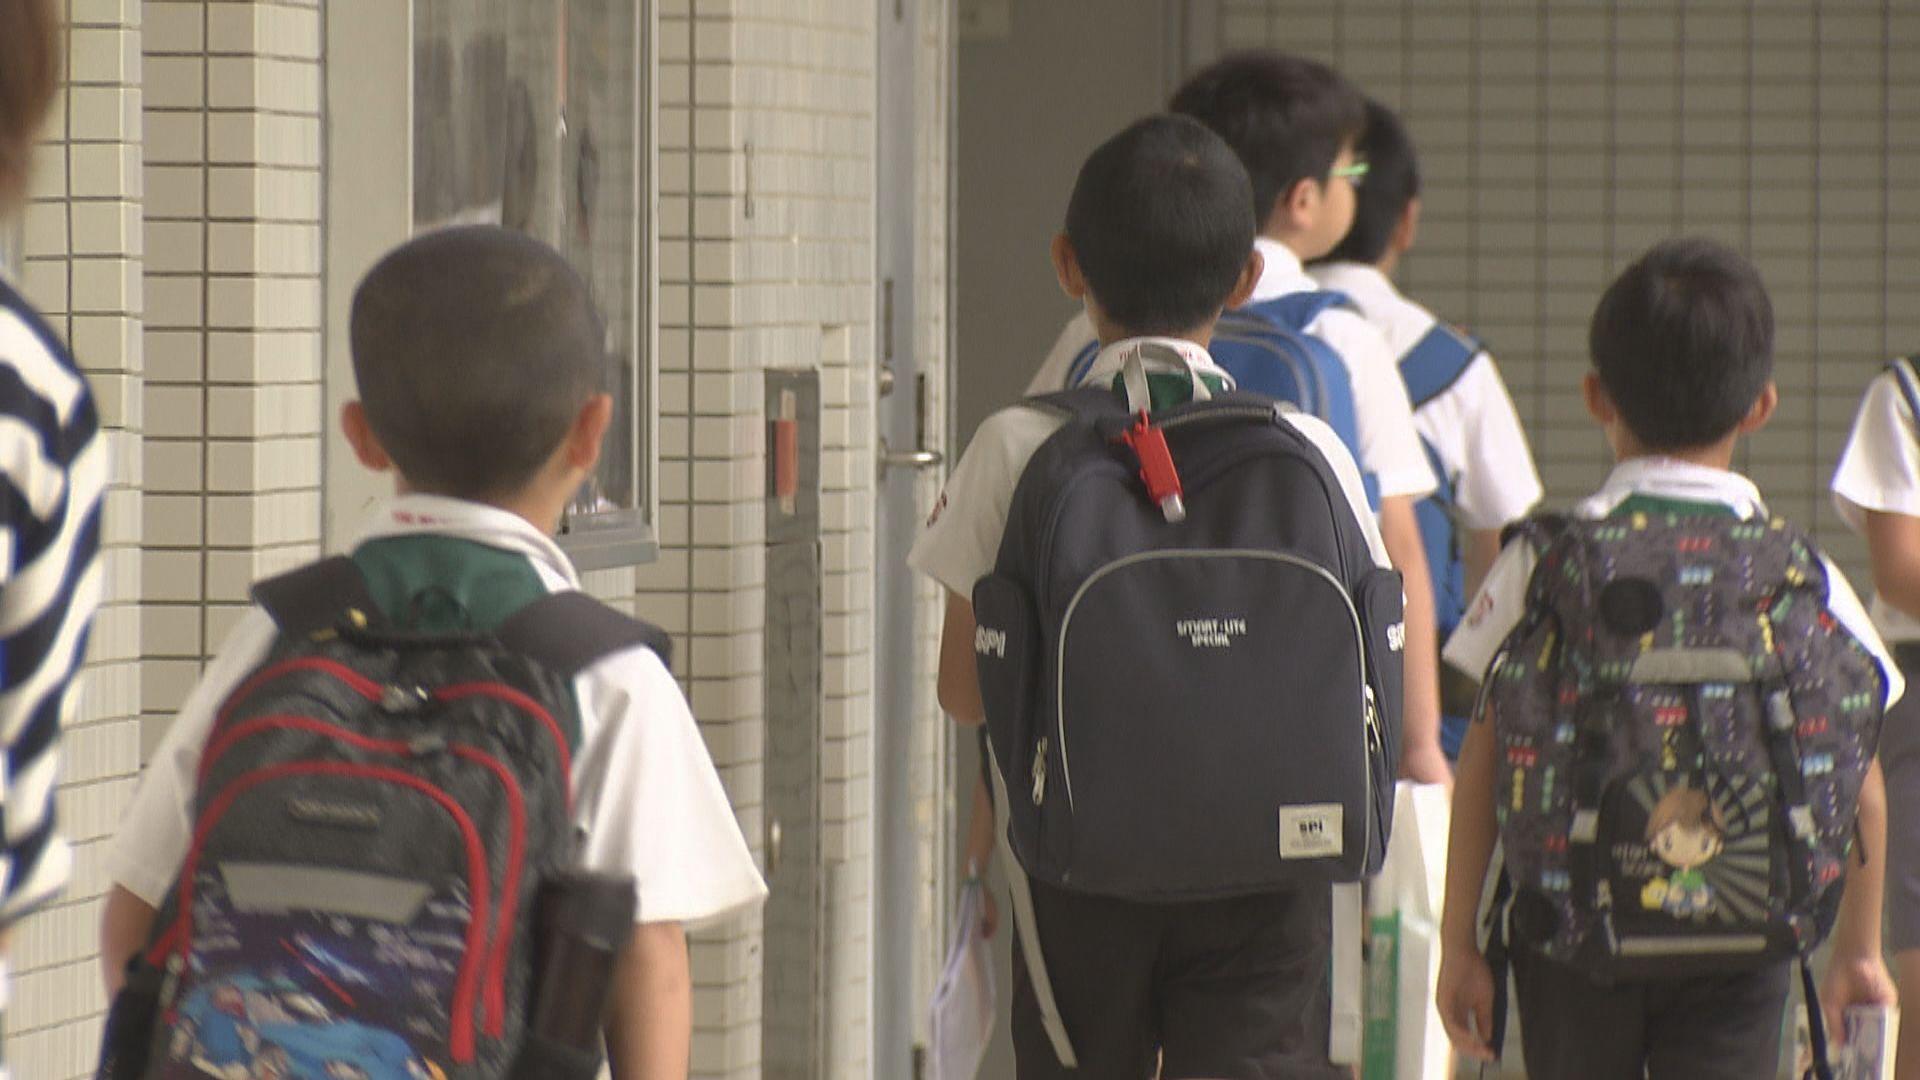 【一文睇晒】教育局延長停課至三月中等最新安排